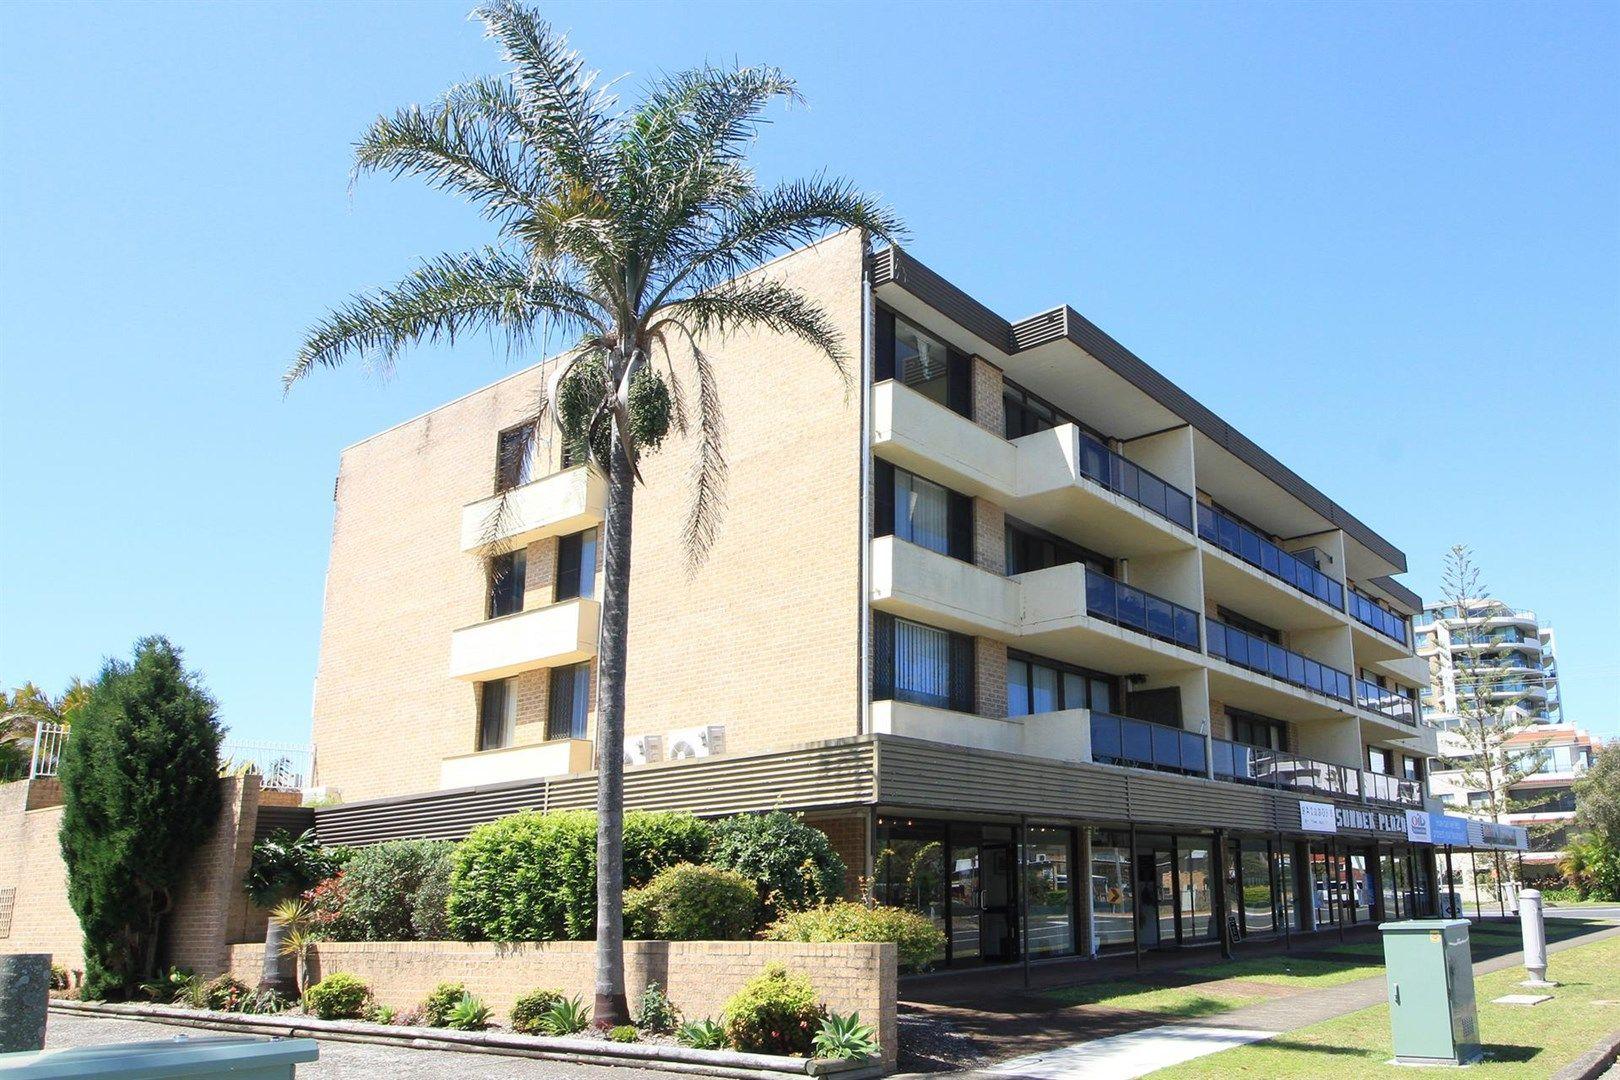 7/15 Wallis Street, Forster NSW 2428, Image 0